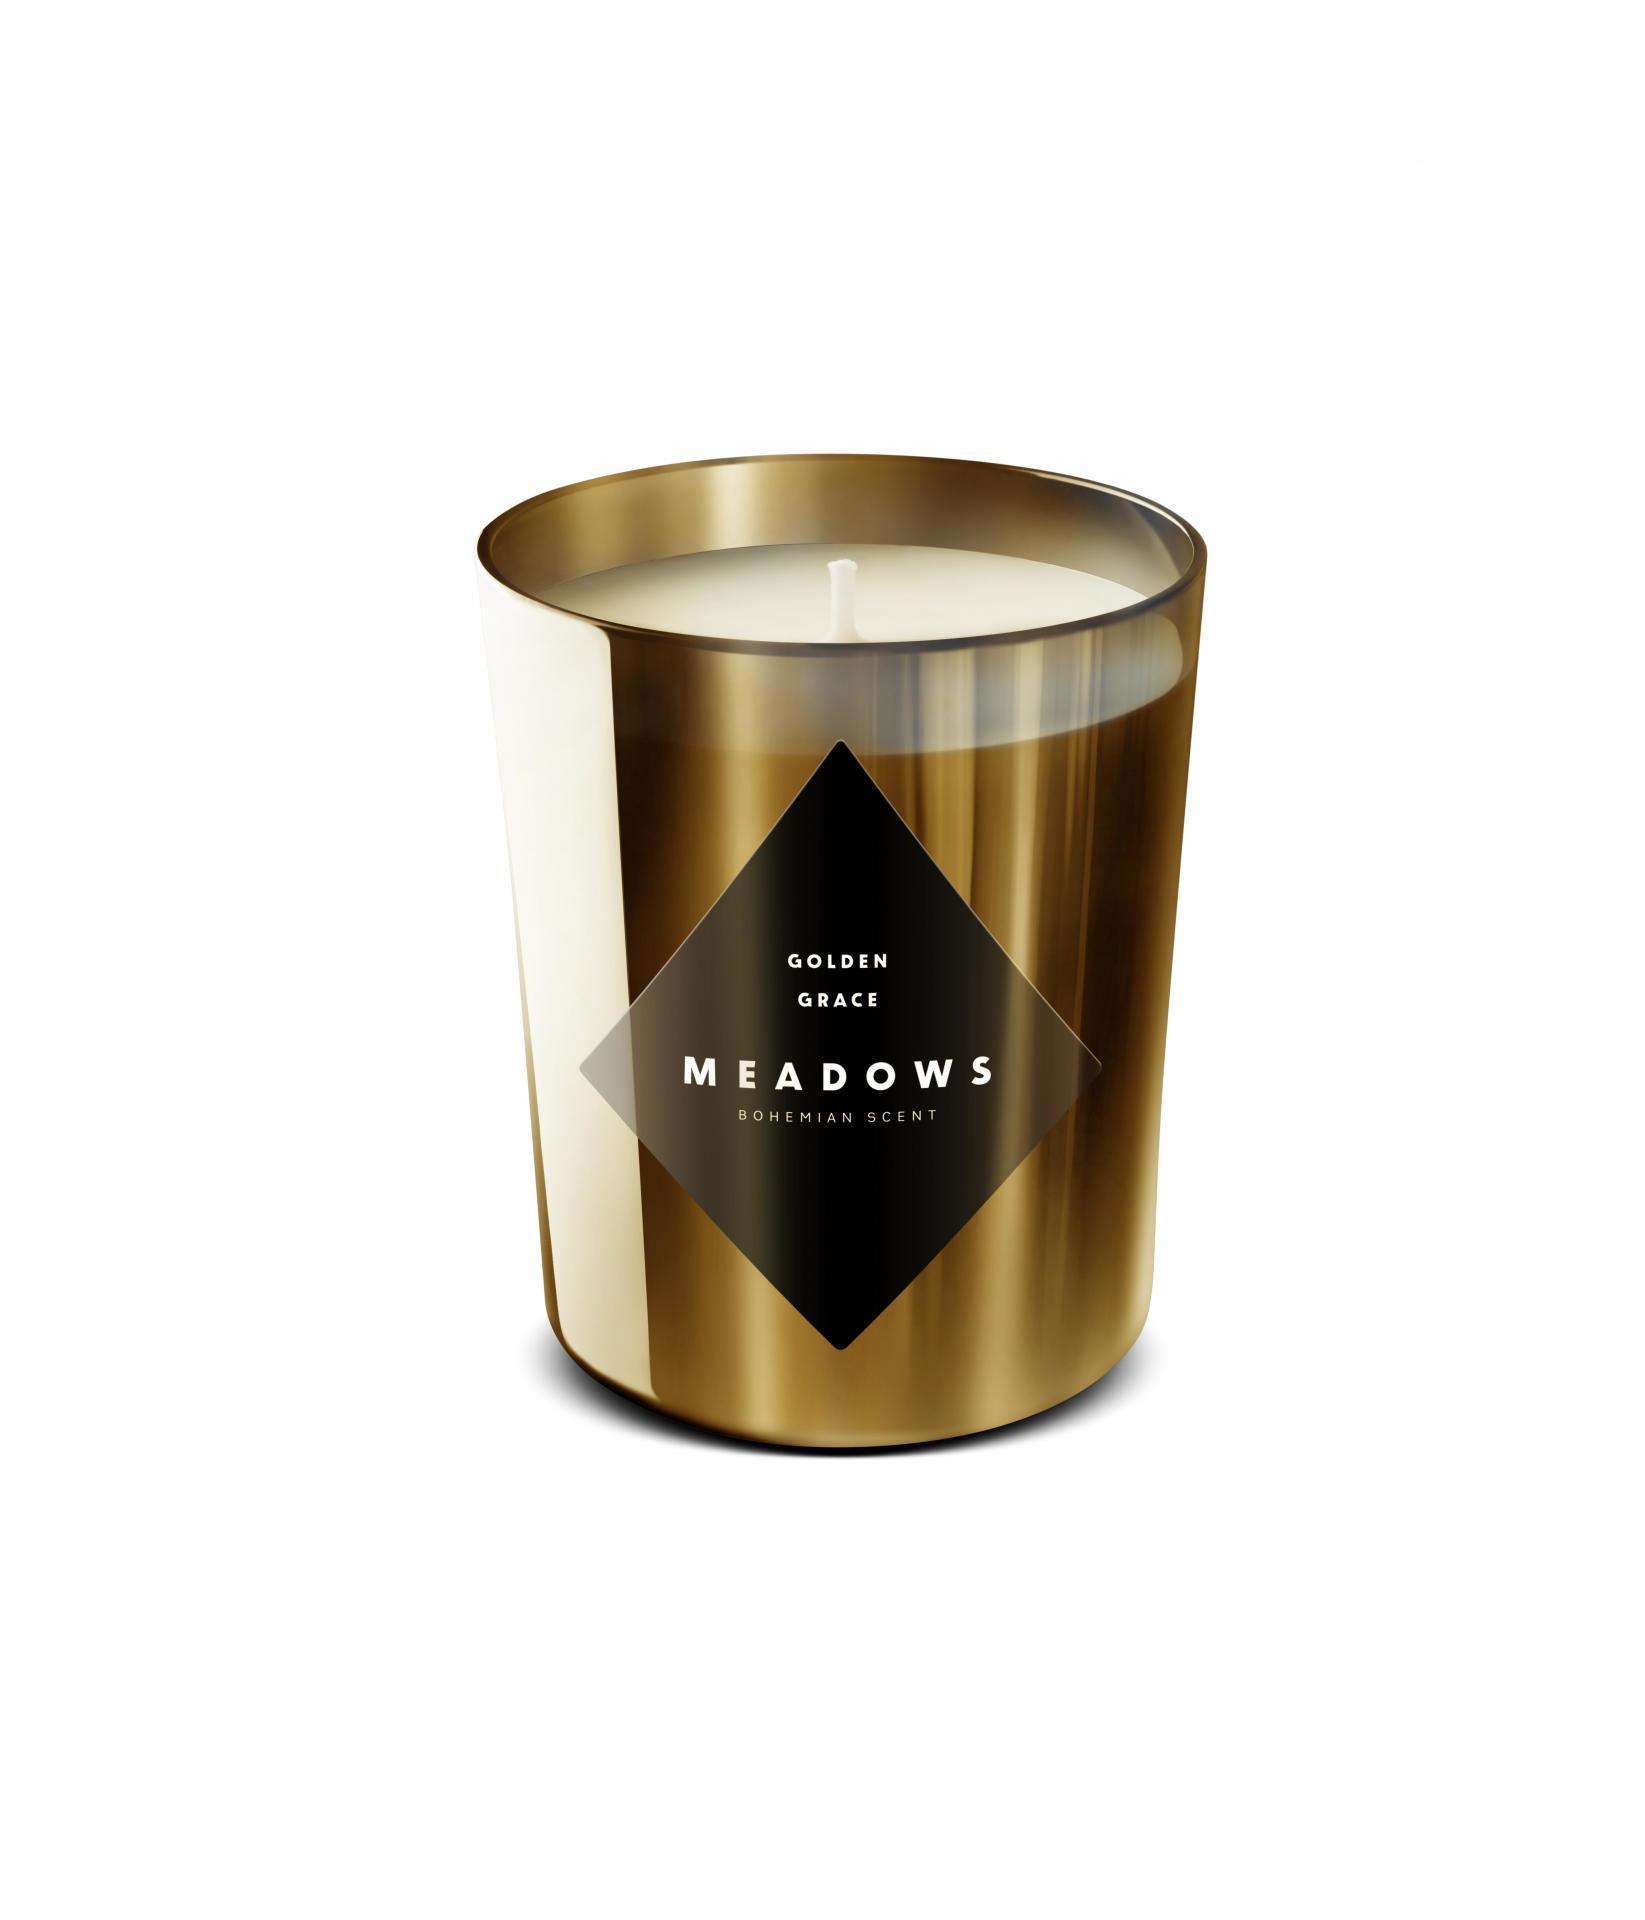 MEADOWS Luxusní vonná svíčka Golden Grace, zlatá barva, sklo